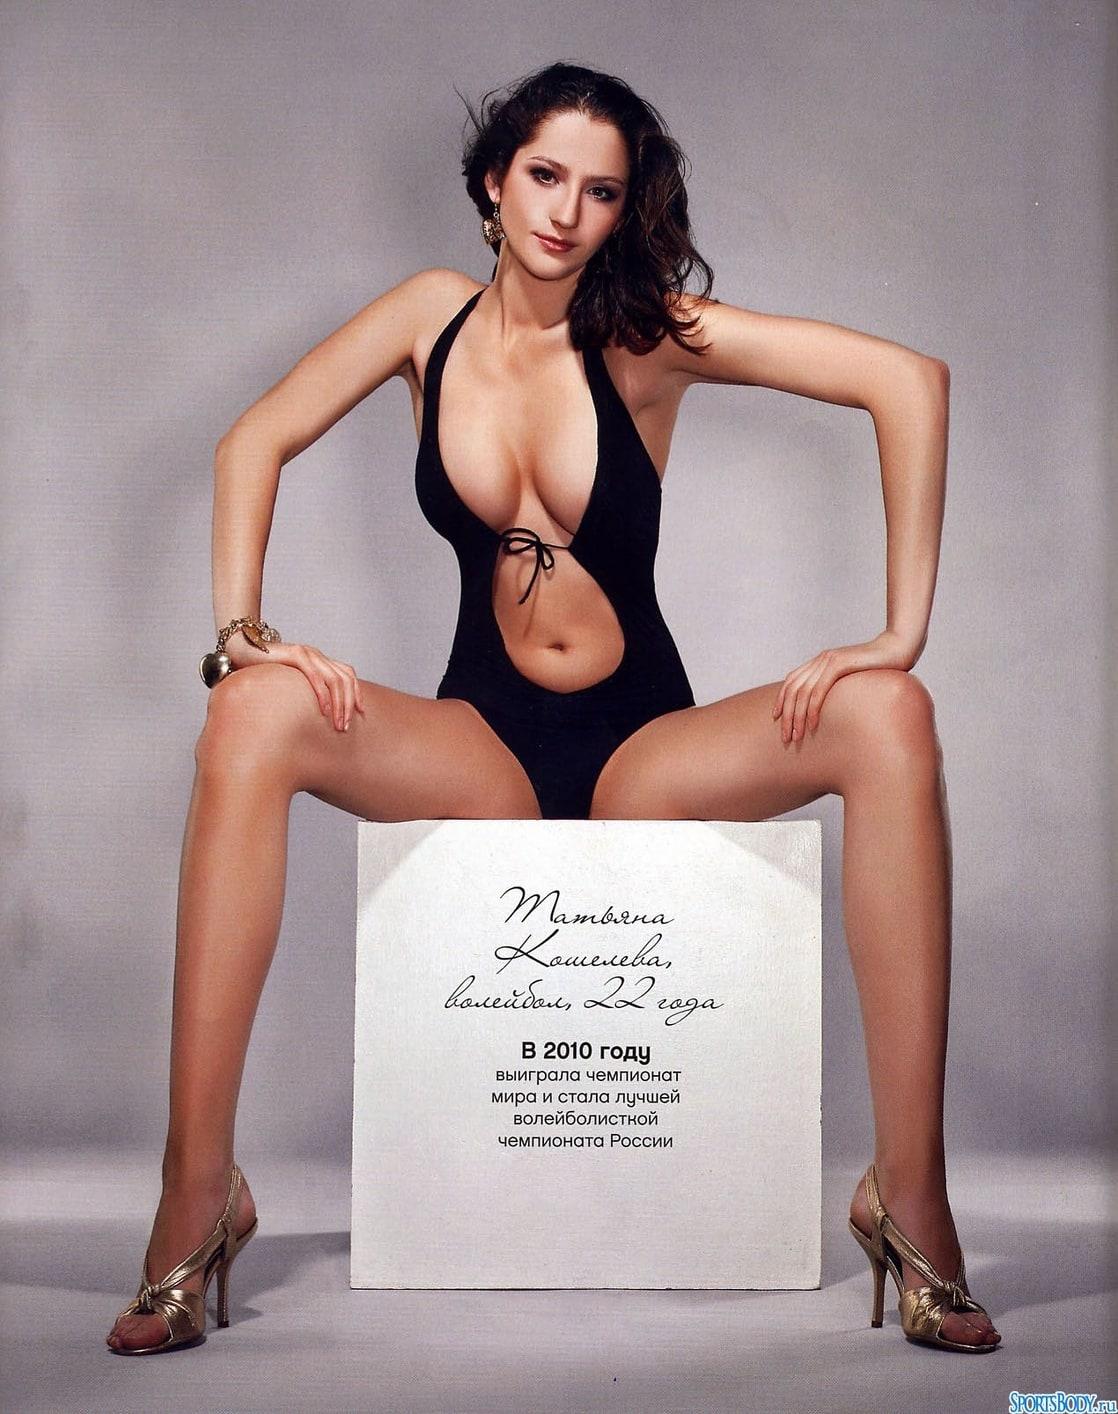 Татьяна кошелева голая 2 фотография